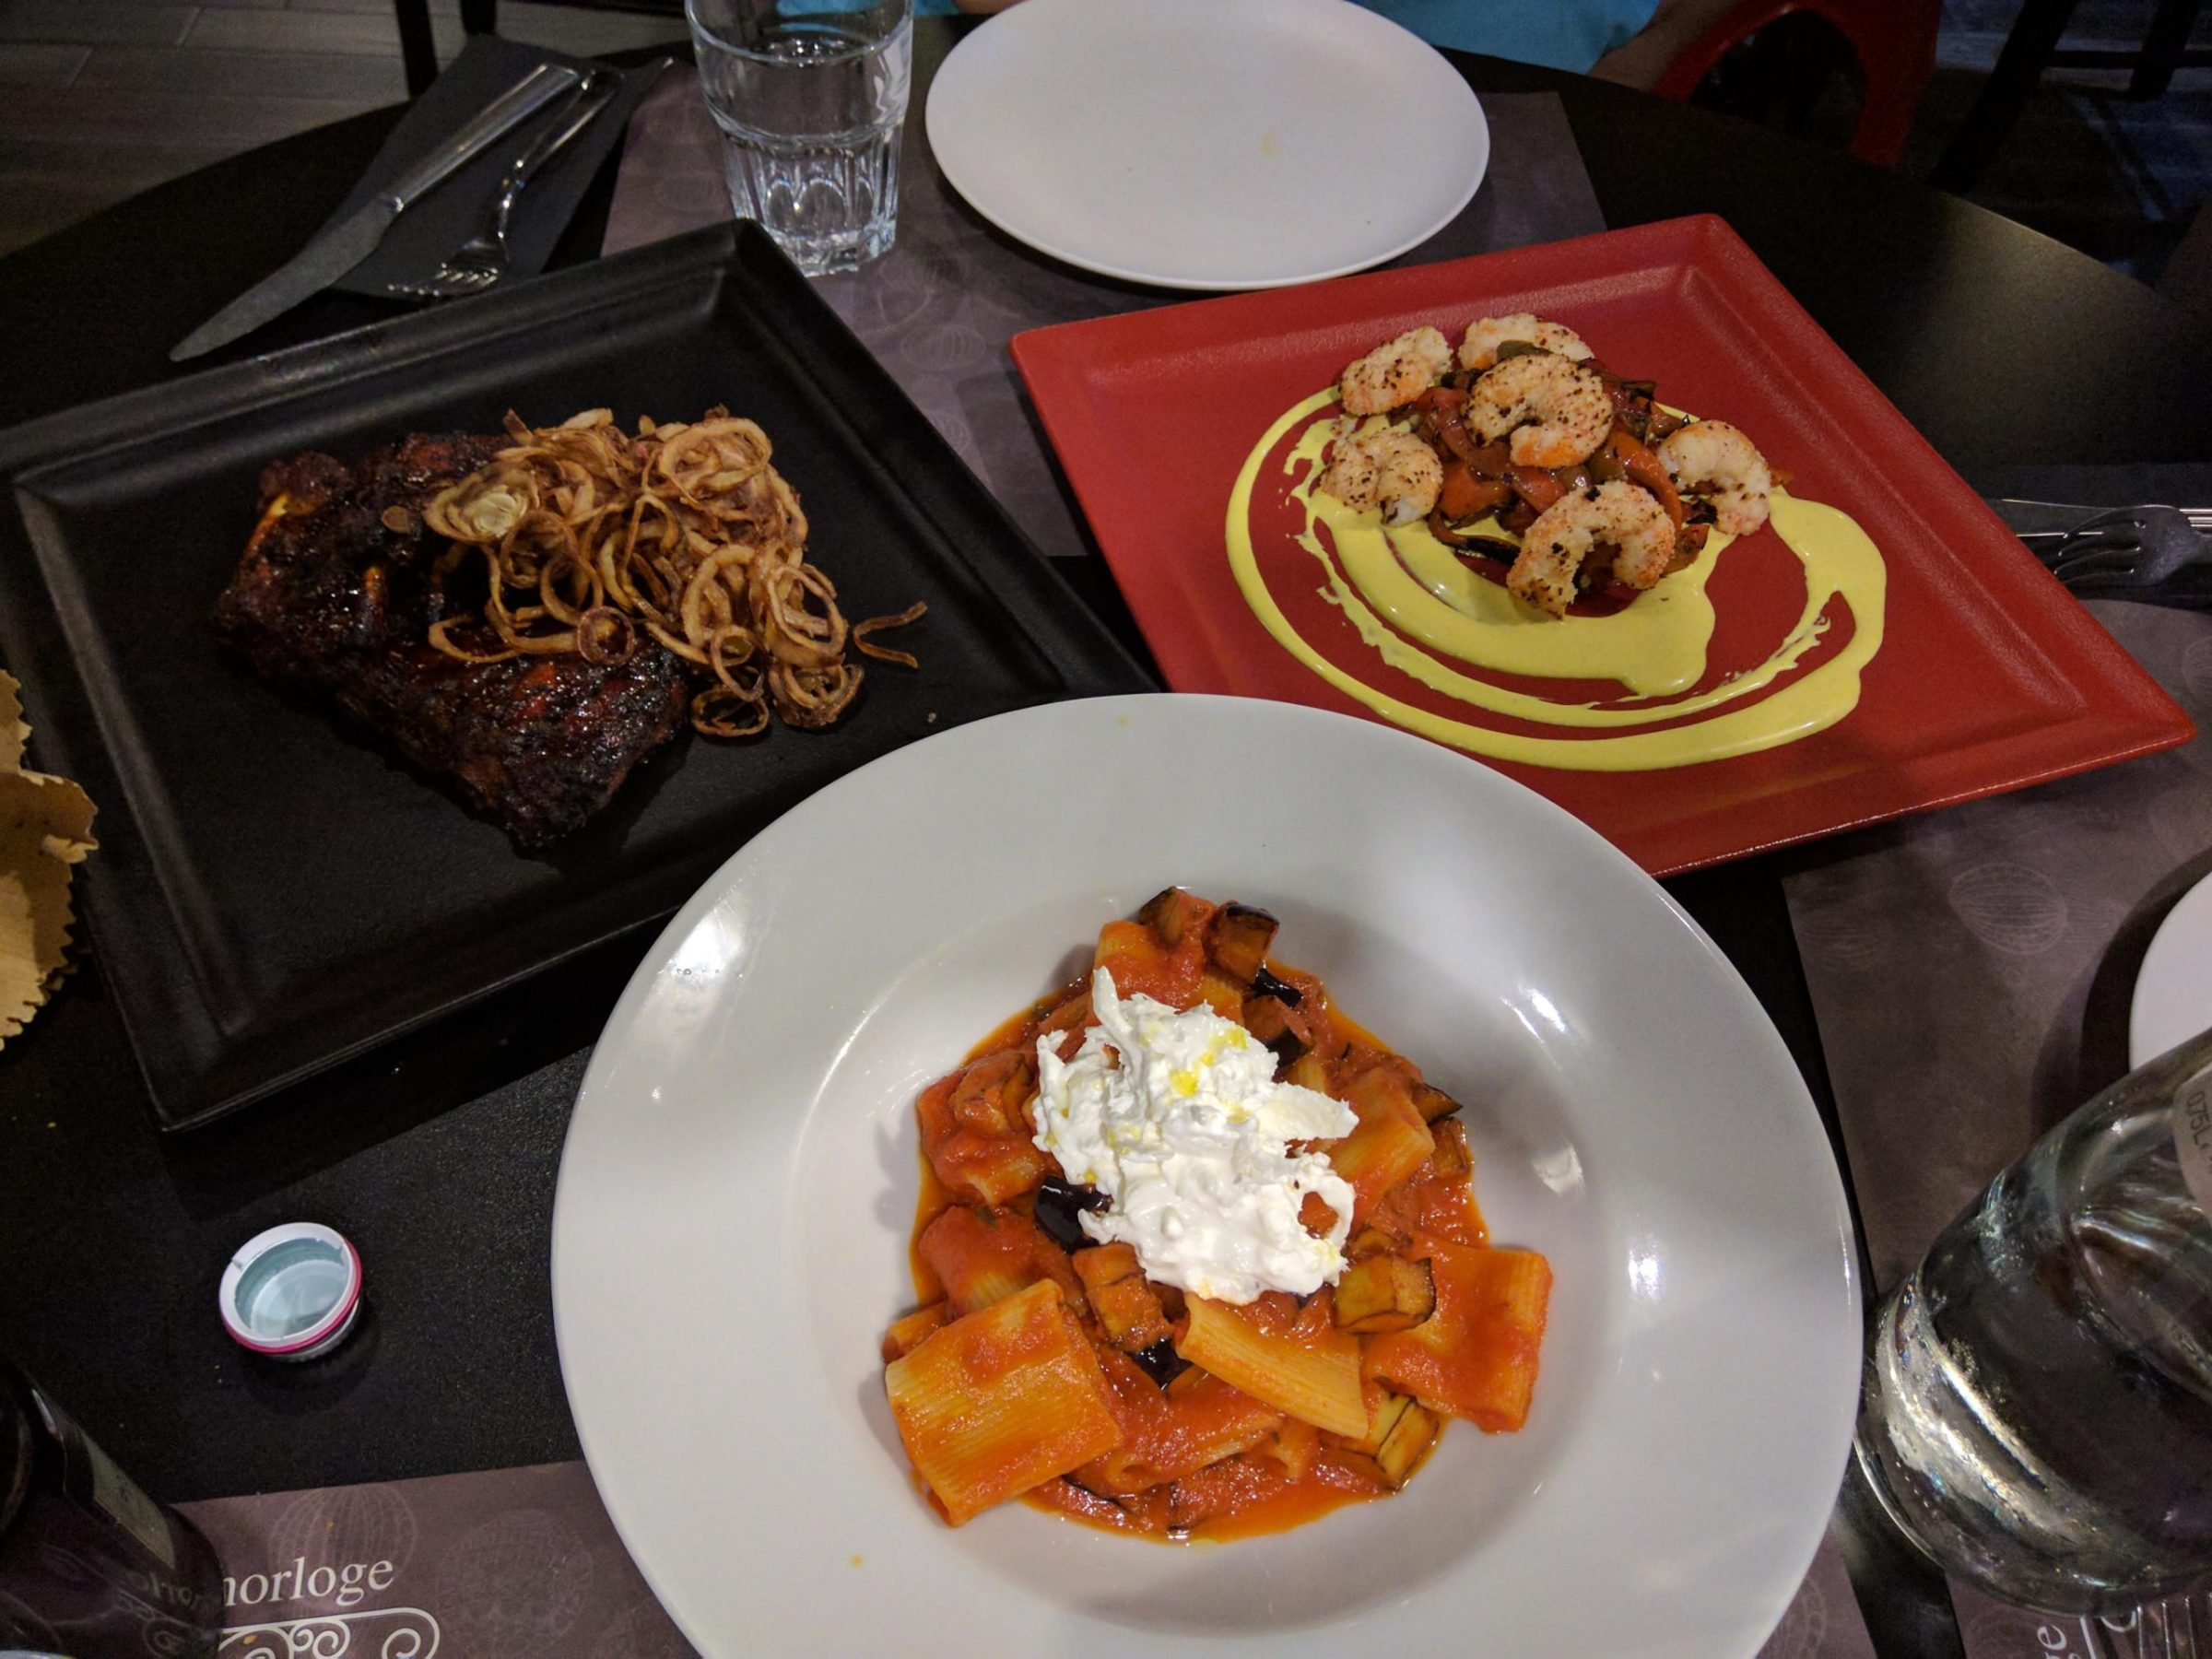 Pasta with aubergine and burrata